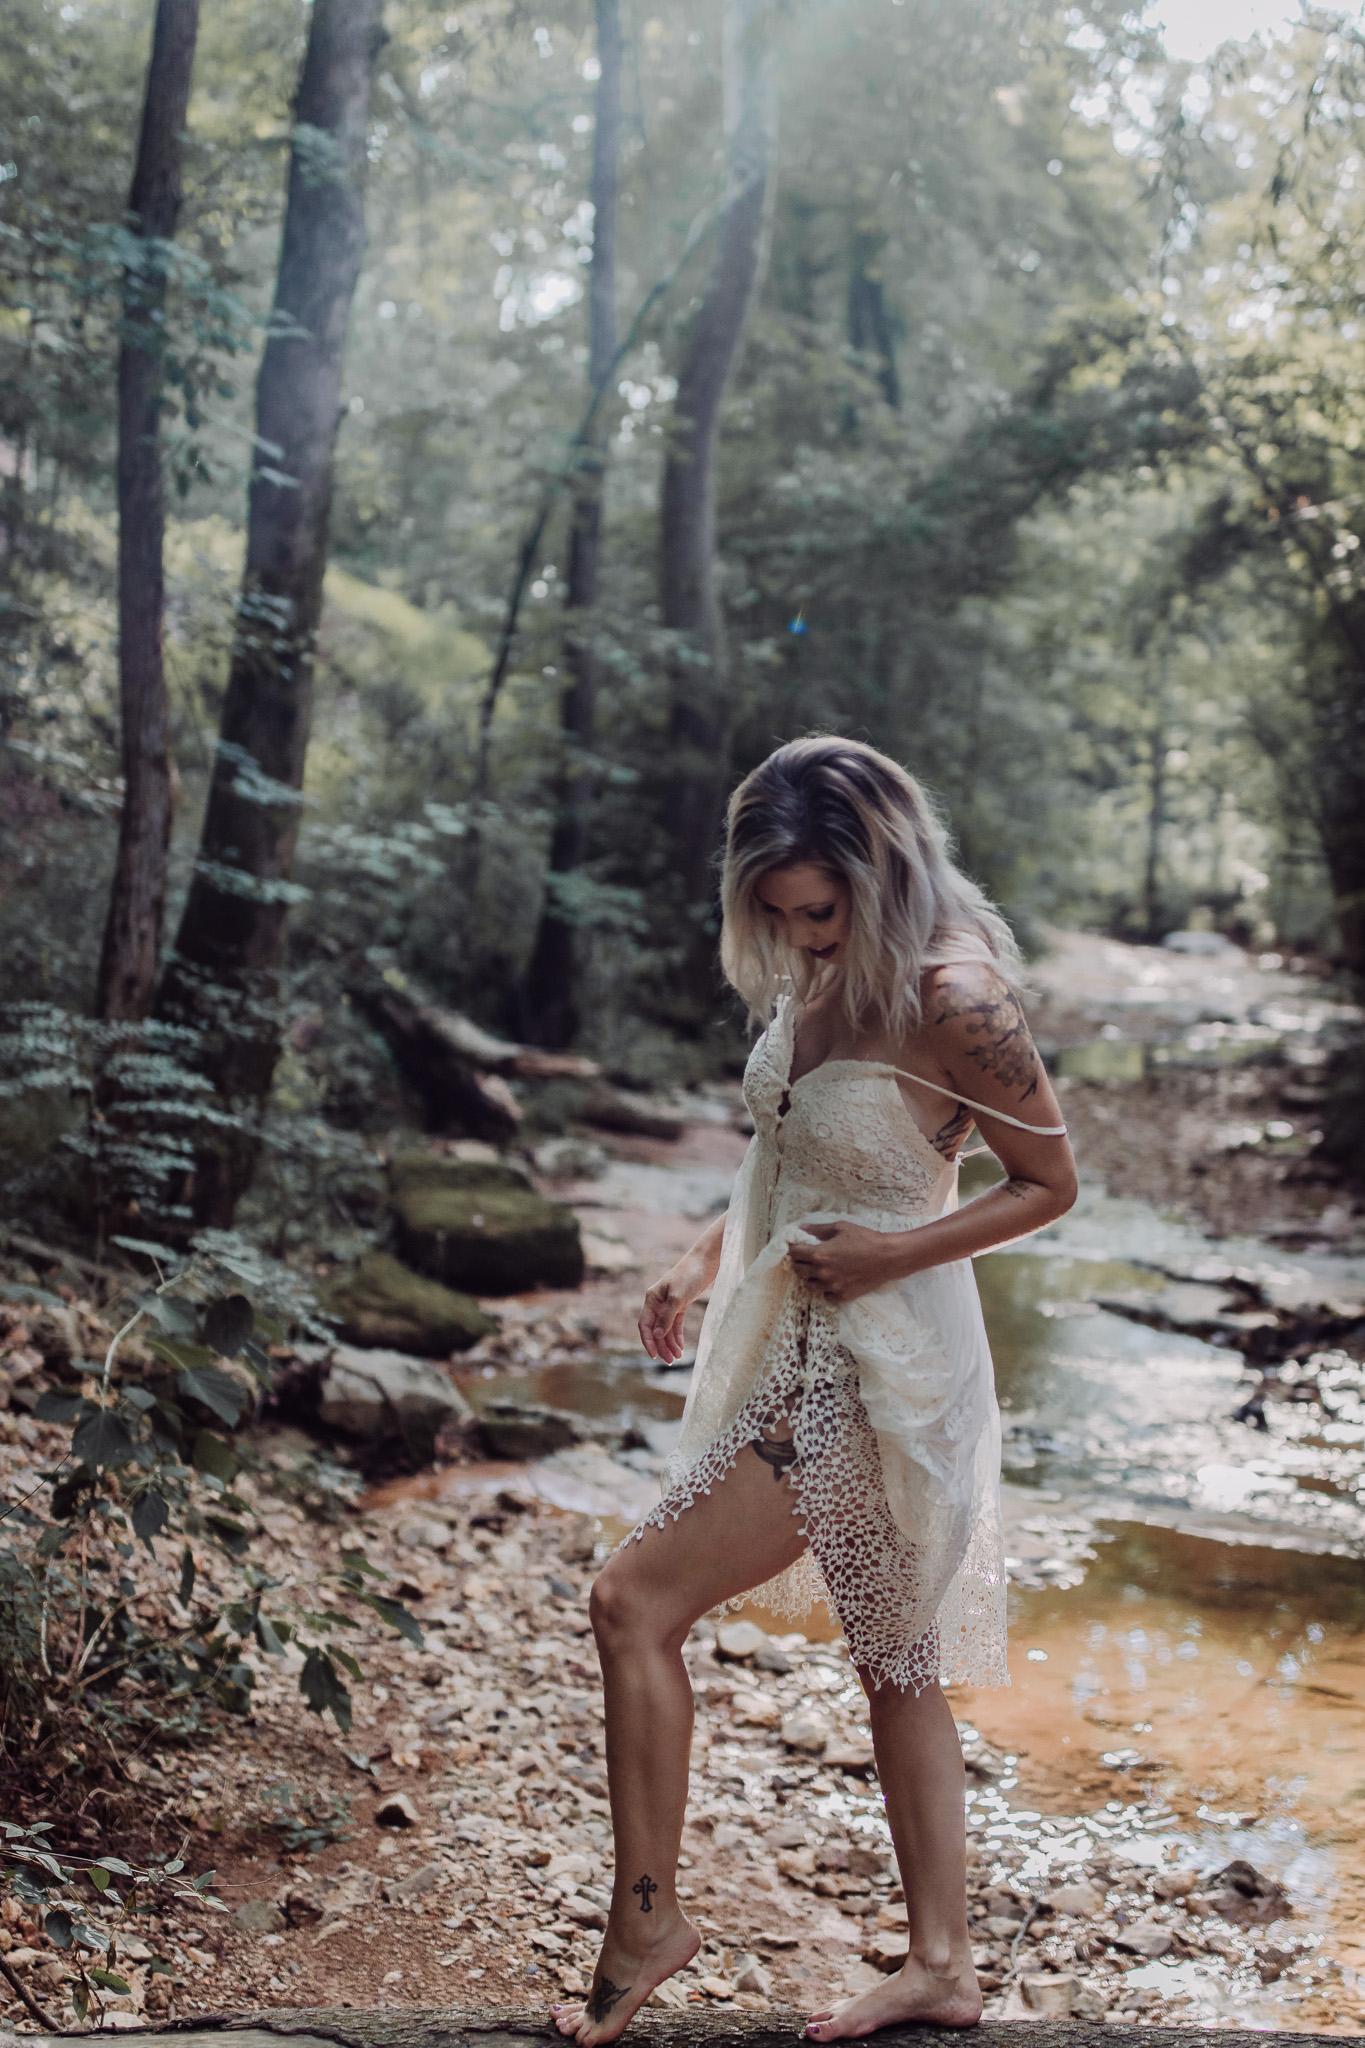 girl in water outdoor boudoir